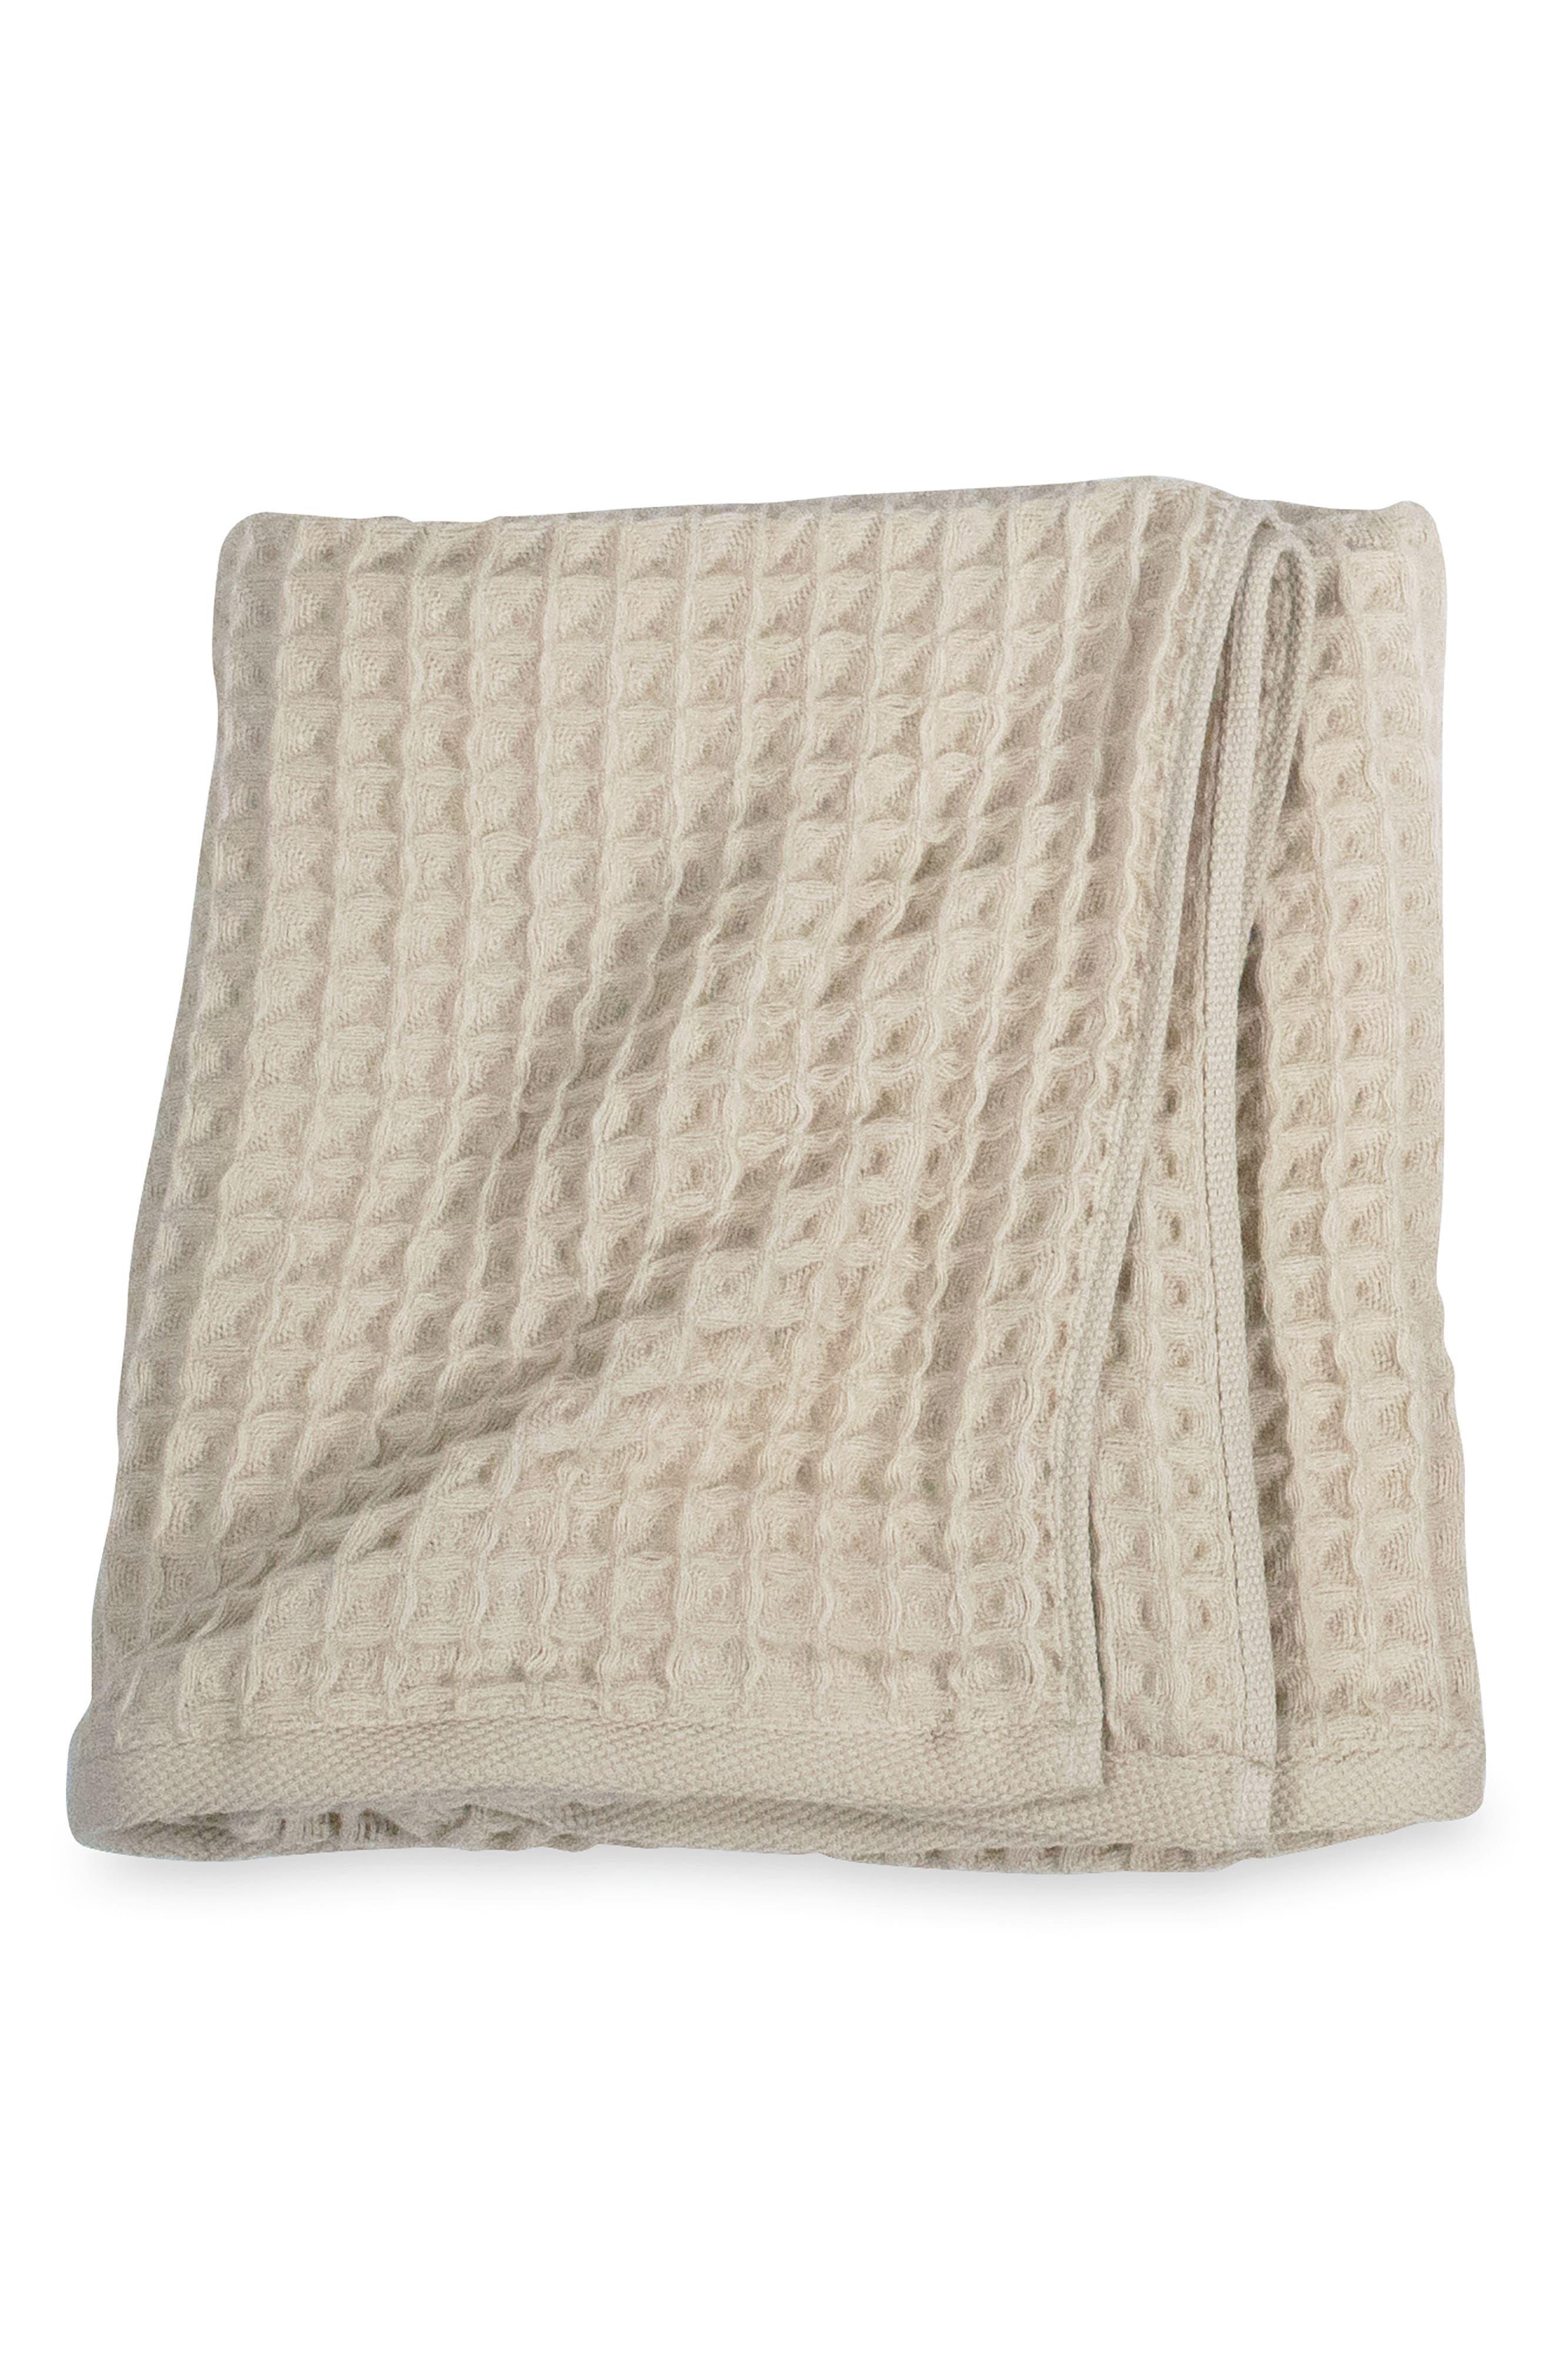 Air Waffle Hand & Hair Towel,                             Main thumbnail 1, color,                             BEIGE